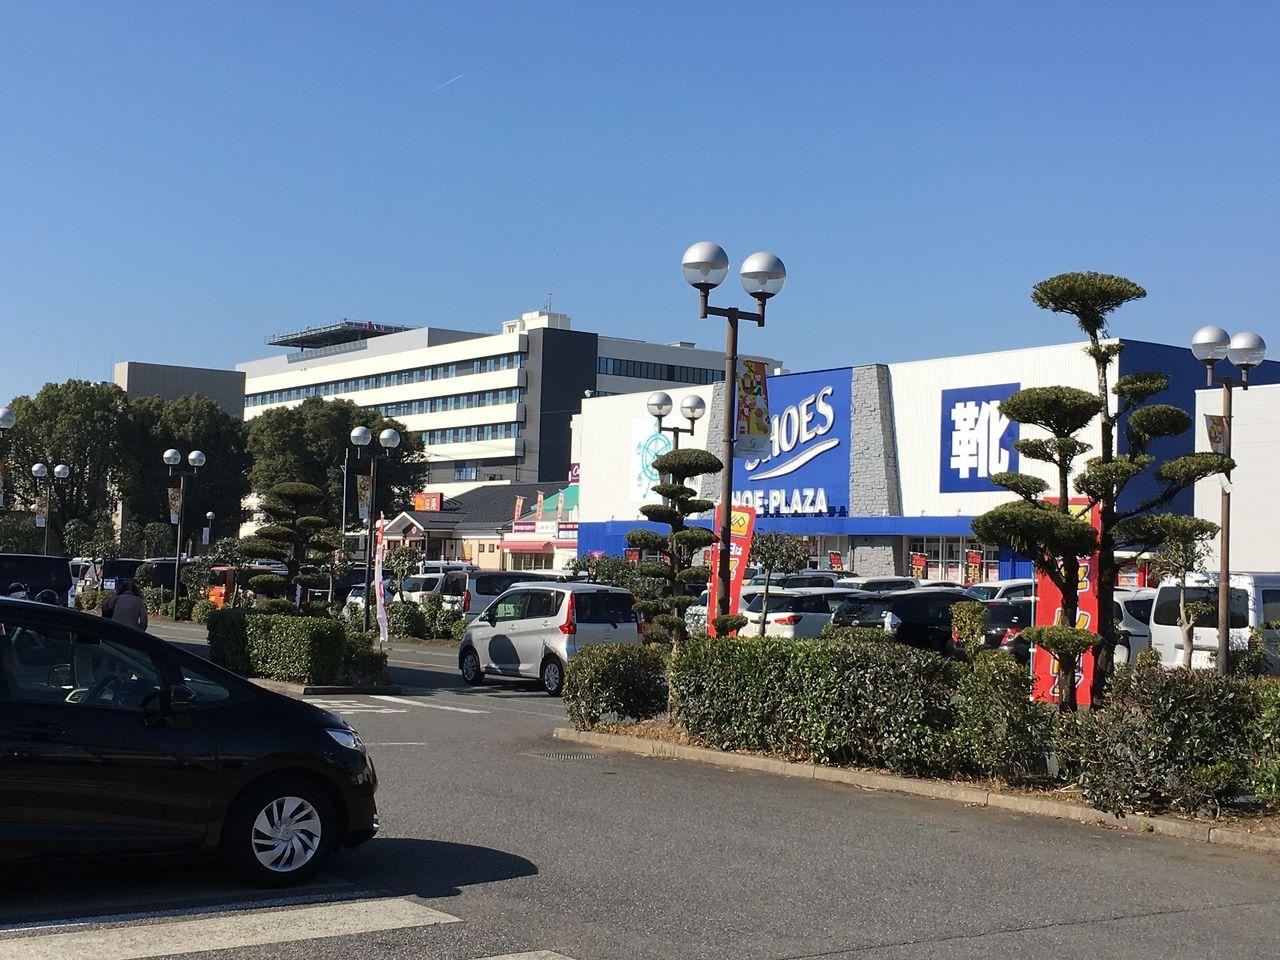 熊本市東区東町にあるサンロードシティ熊本にあるSHOE・PLAZA